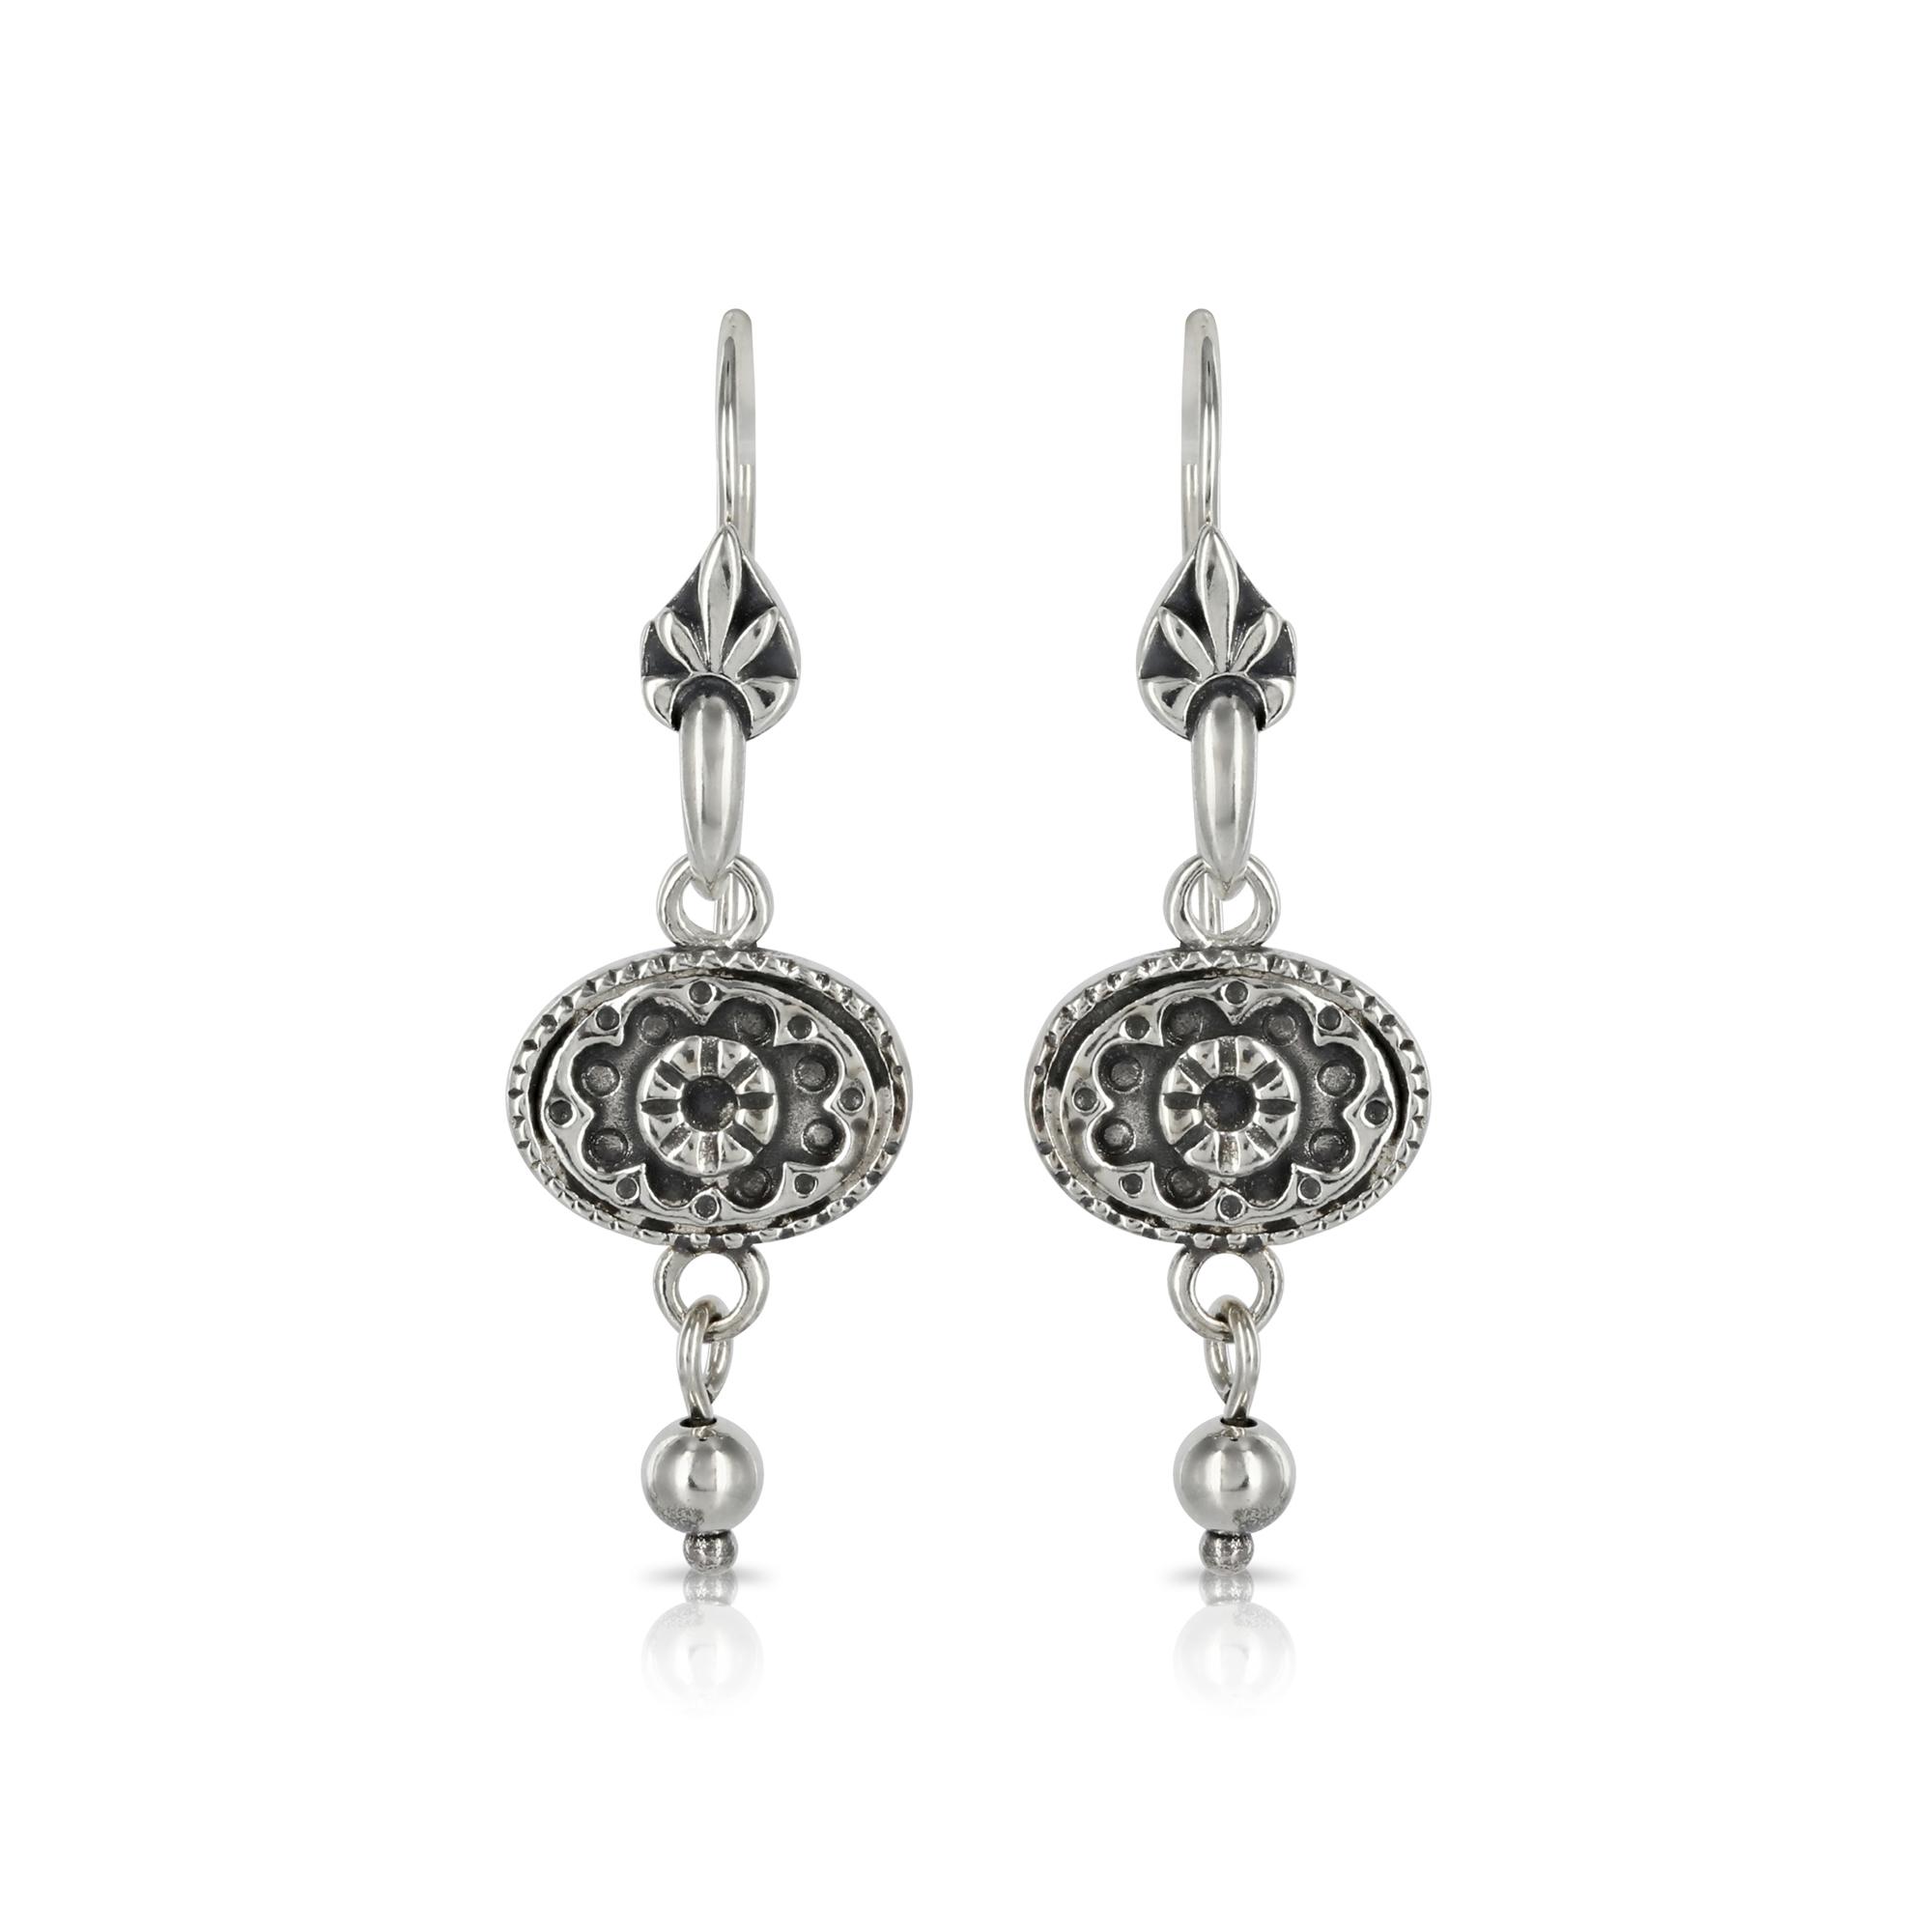 Silver Oval Earrings by Prey Jewellery